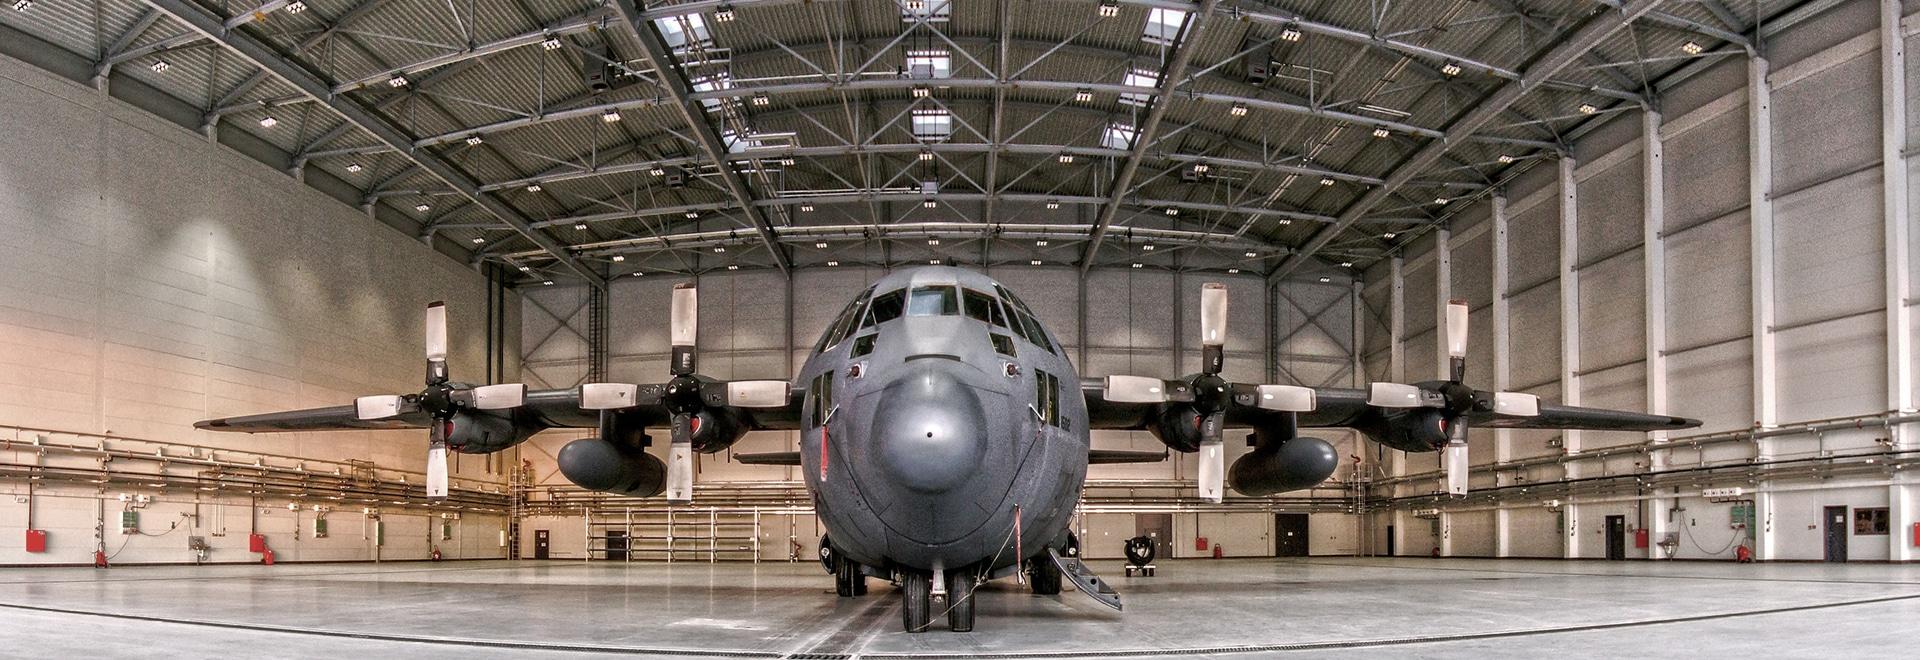 Militärflugzeuge, Bydgoszcz, Polen